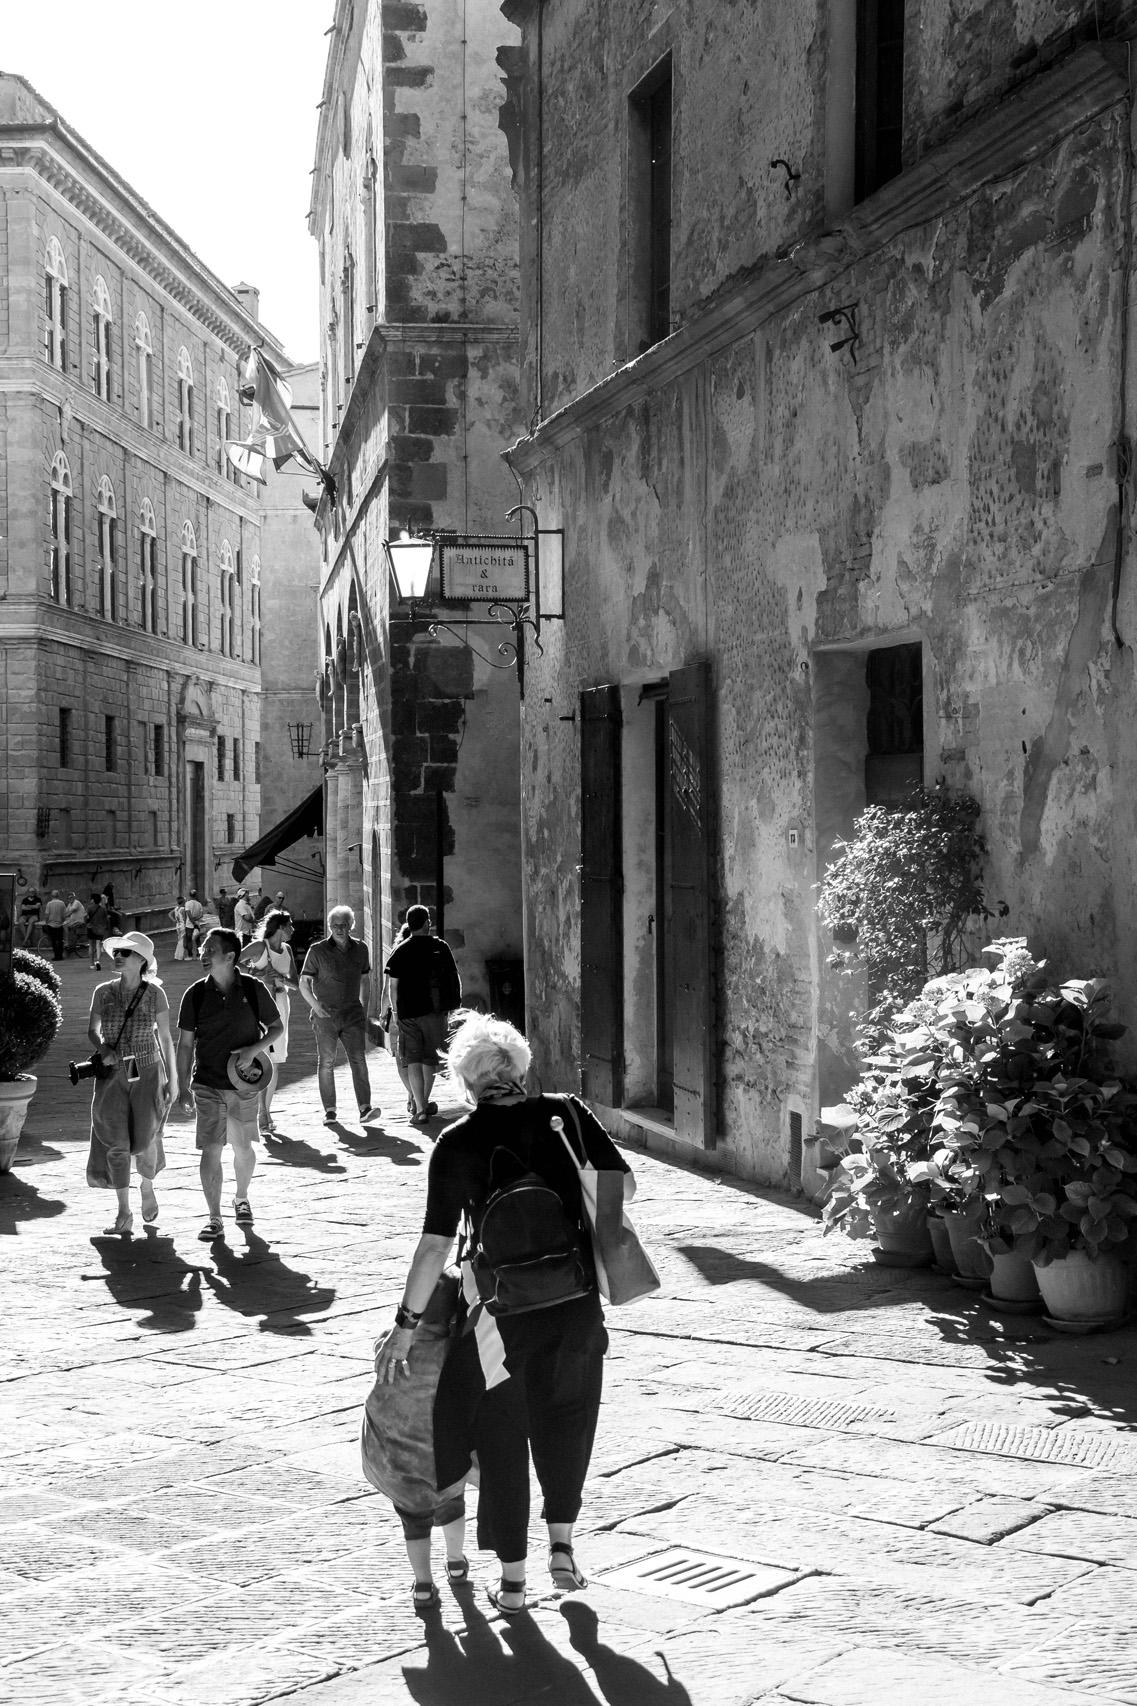 On the street, Pienza, Tuscany